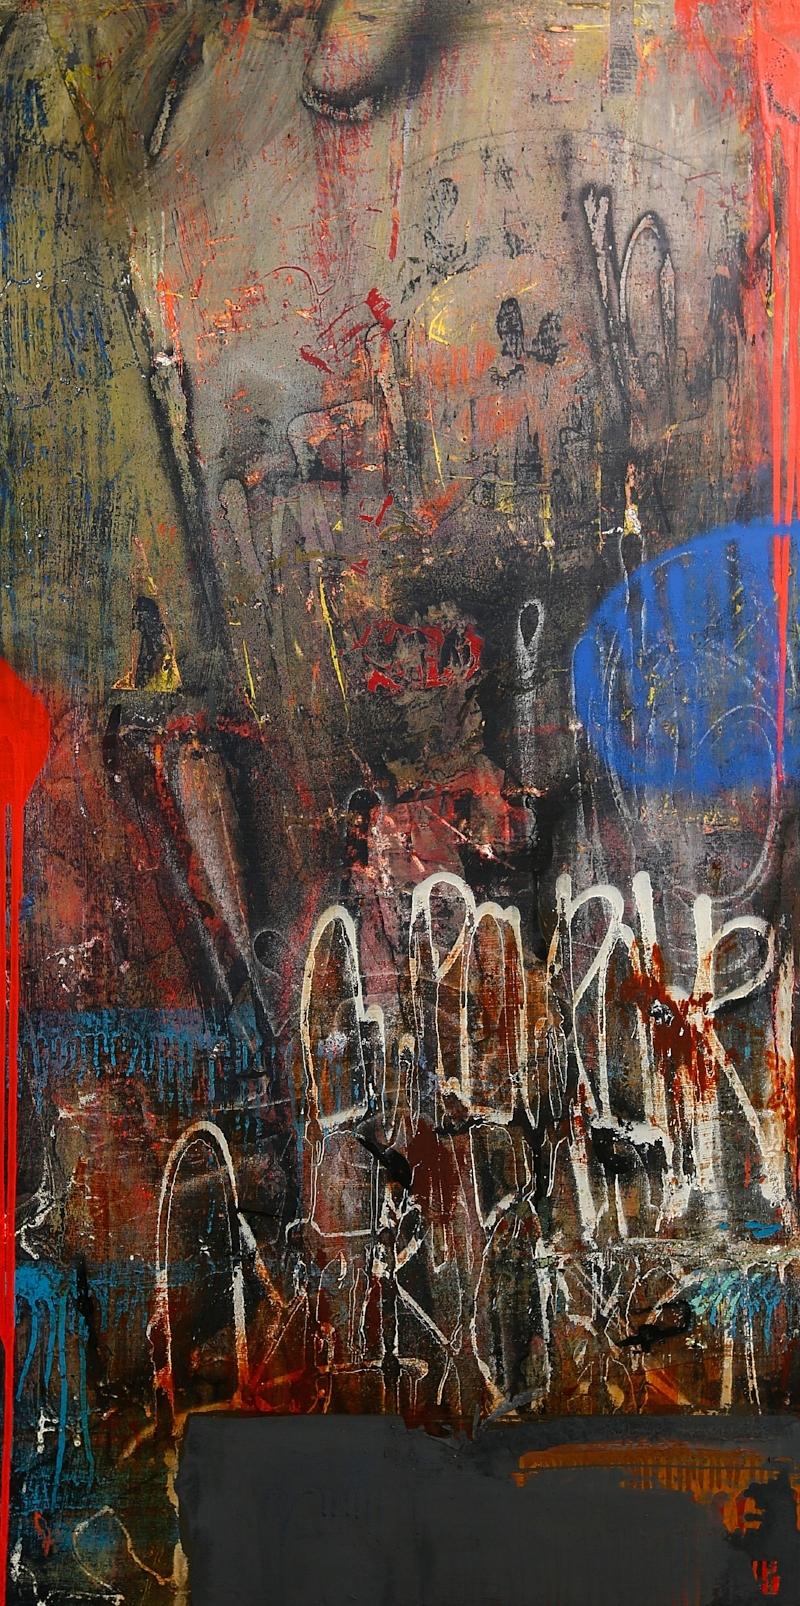 ZESER-Correlations-Acrylique et aérosol sur toile- 152 x 76 cm - 2018 - copie.jpg